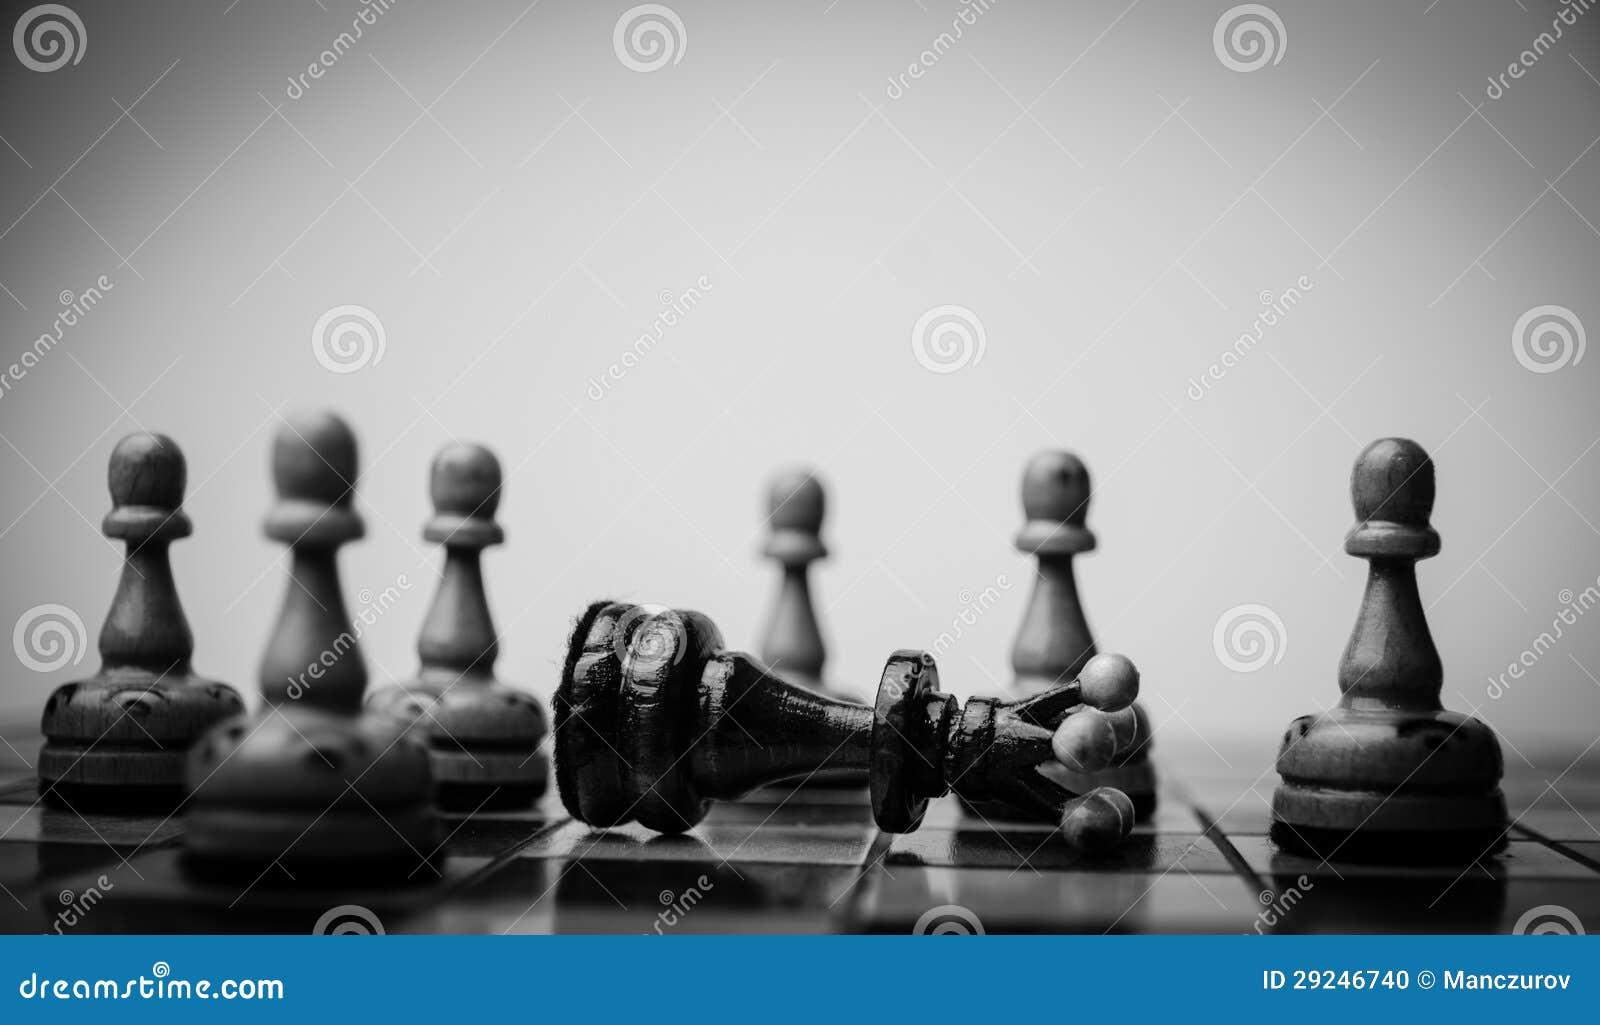 Download Placa de xadrez ilustração stock. Ilustração de planeamento - 29246740